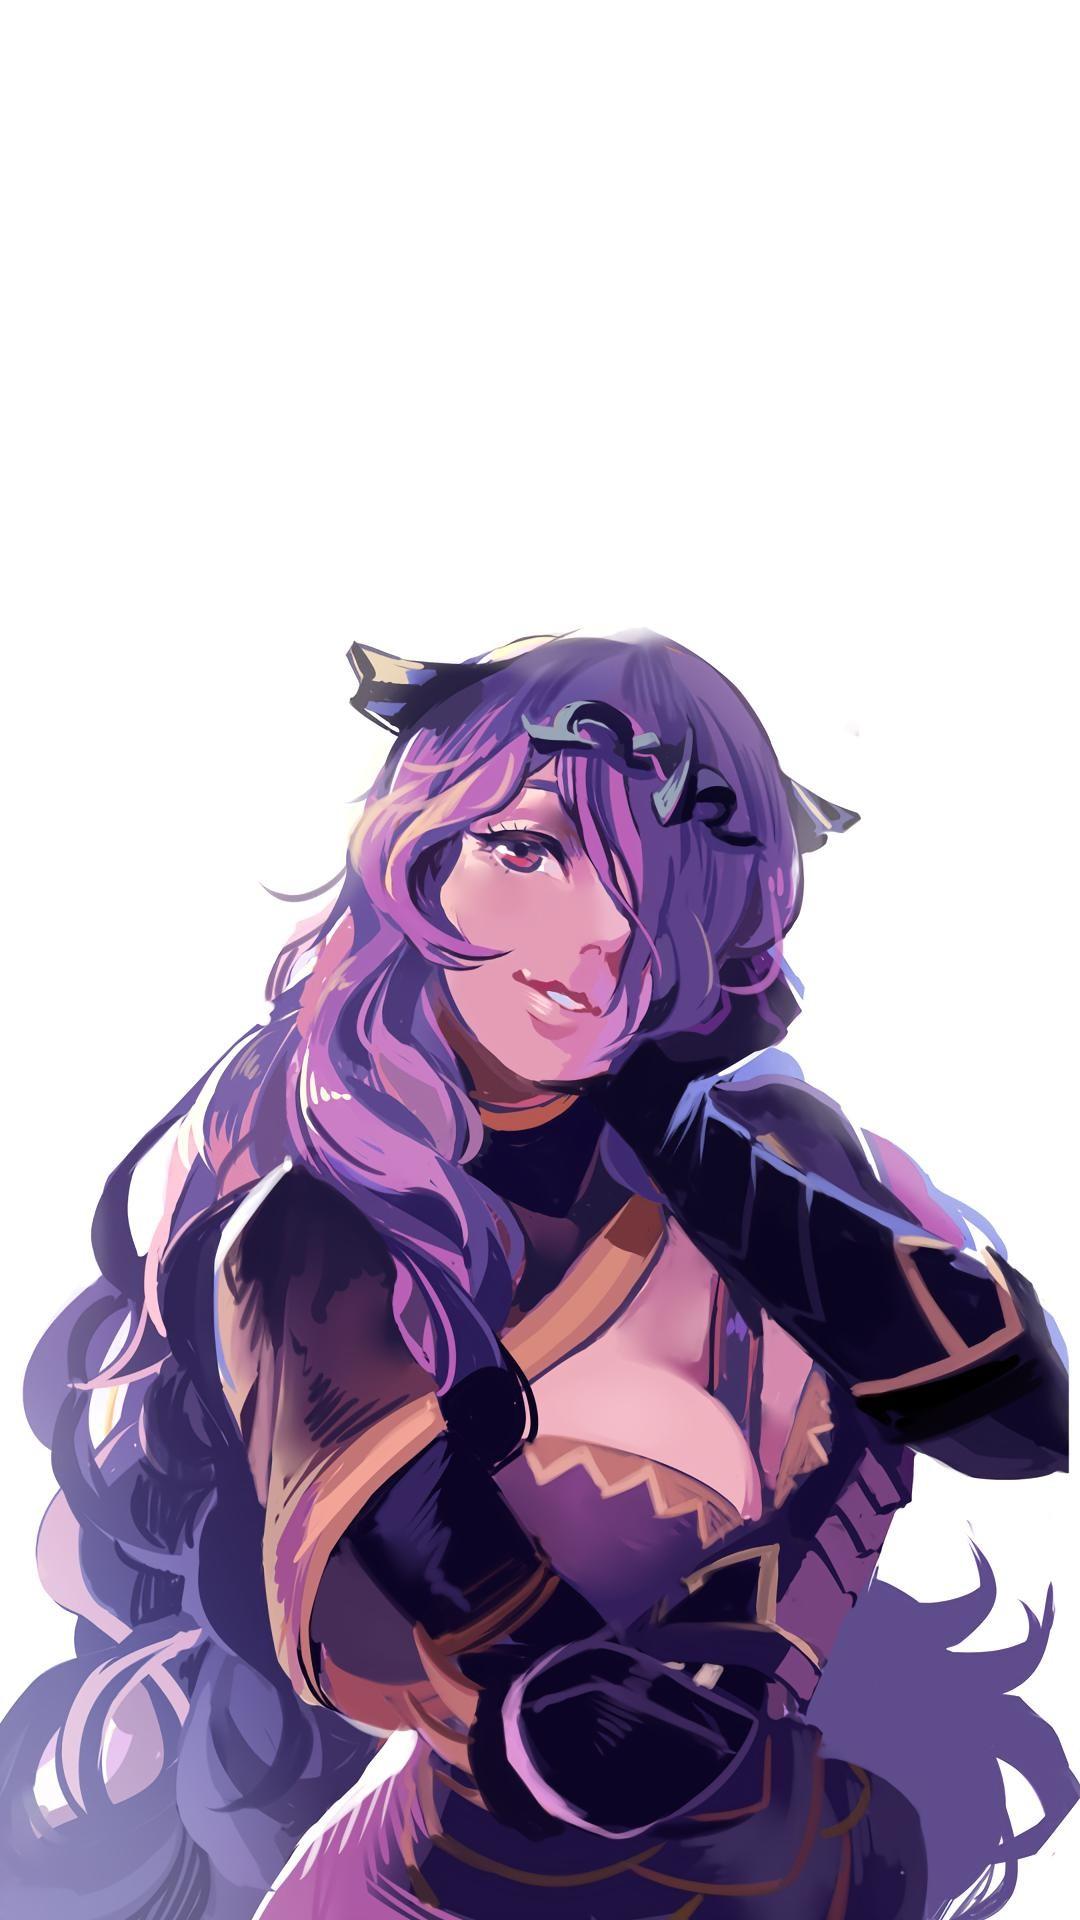 Camilla – Fire Emblem: Fates Mobile Wallpaper [1080×1920]